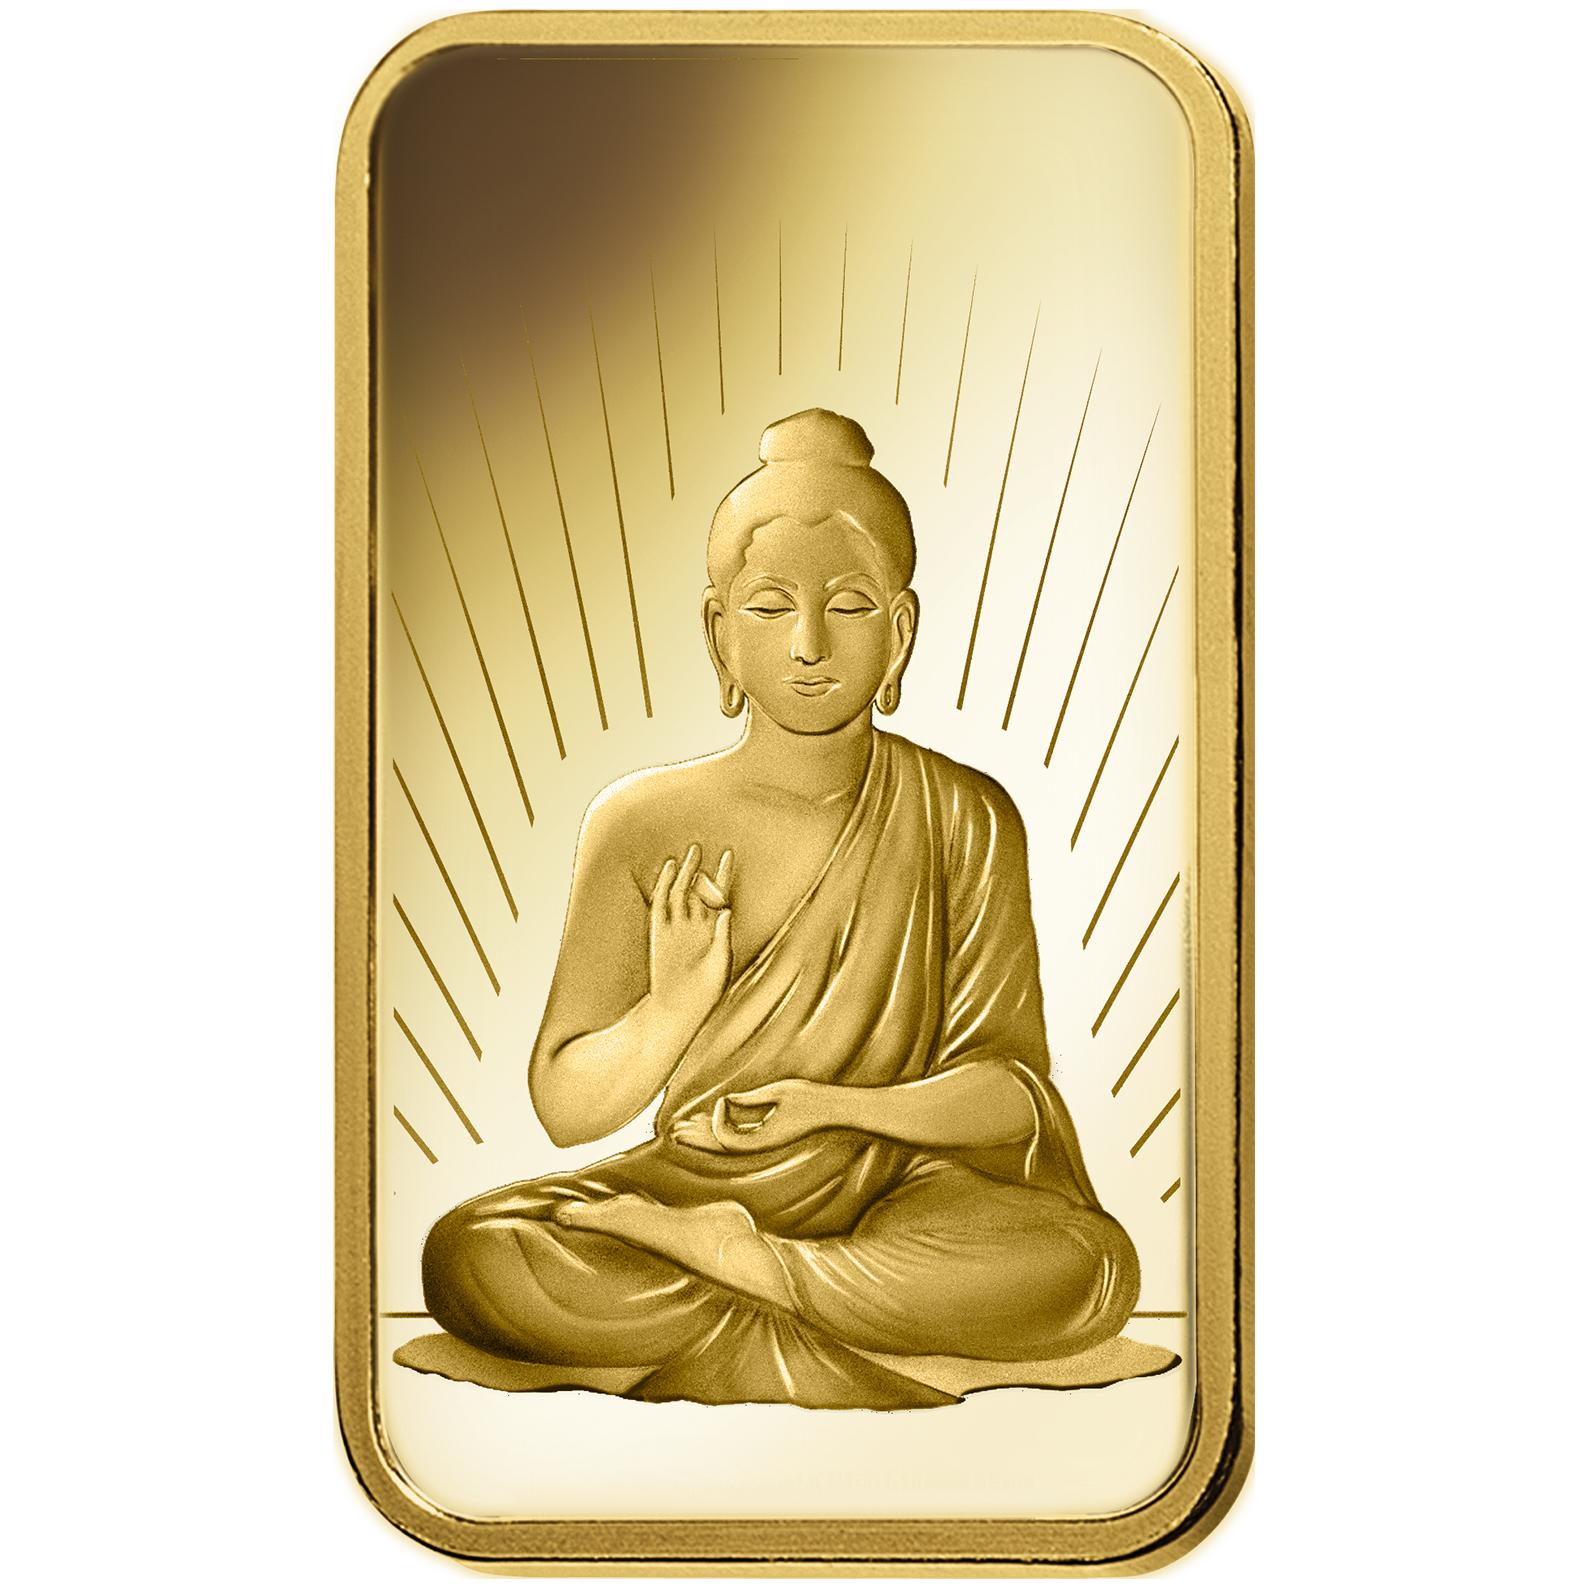 10 grammi lingottino d'oro puro 999.9 - PAMP Suisse Buddha